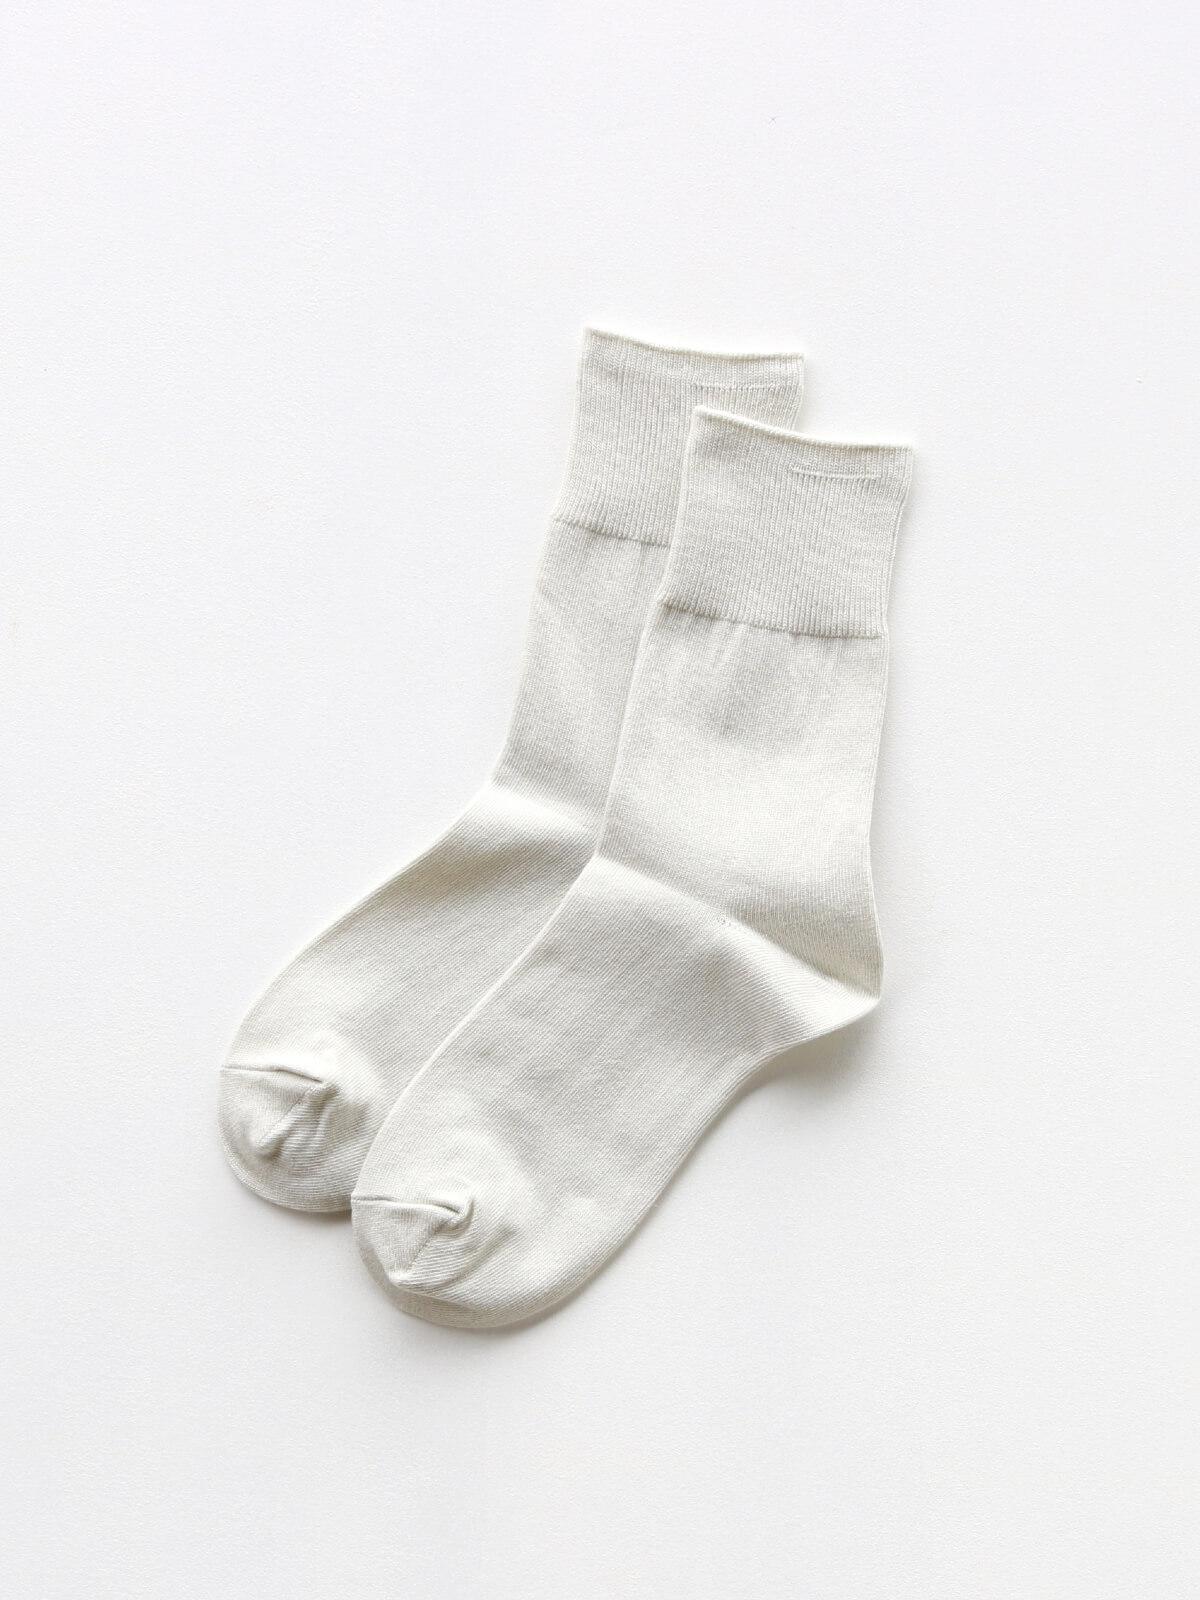 当たりつきギフト専用靴下のLUCKY SOCKS(ラッキーソックス)のLight Ankle Socks(ライトアンクルソックス)のアイボリー_2